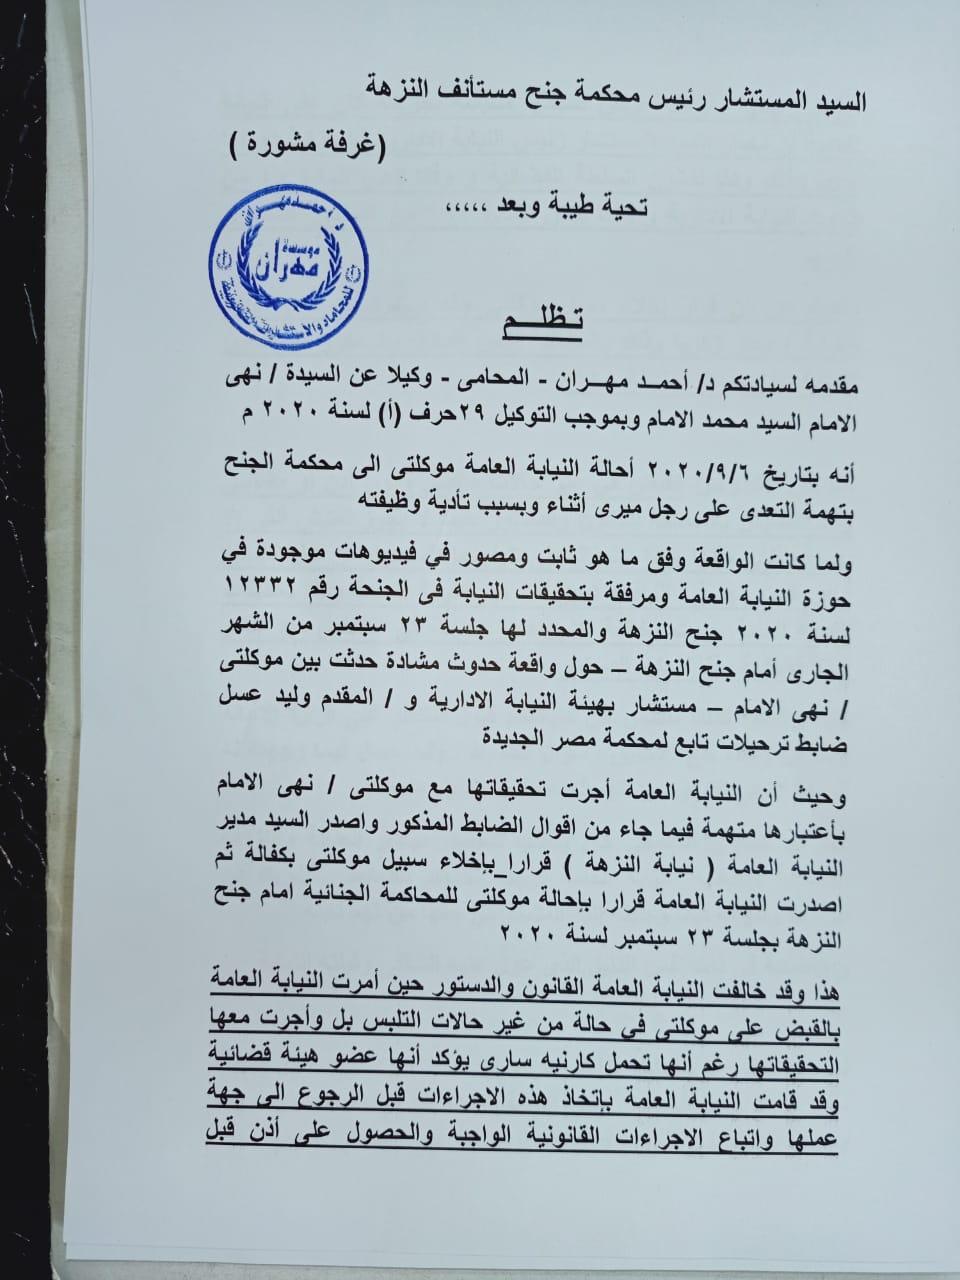 """تظلم المحامي أحمد مهرن عن المستشار نهي الإمام """"سيدة المحكمة"""""""